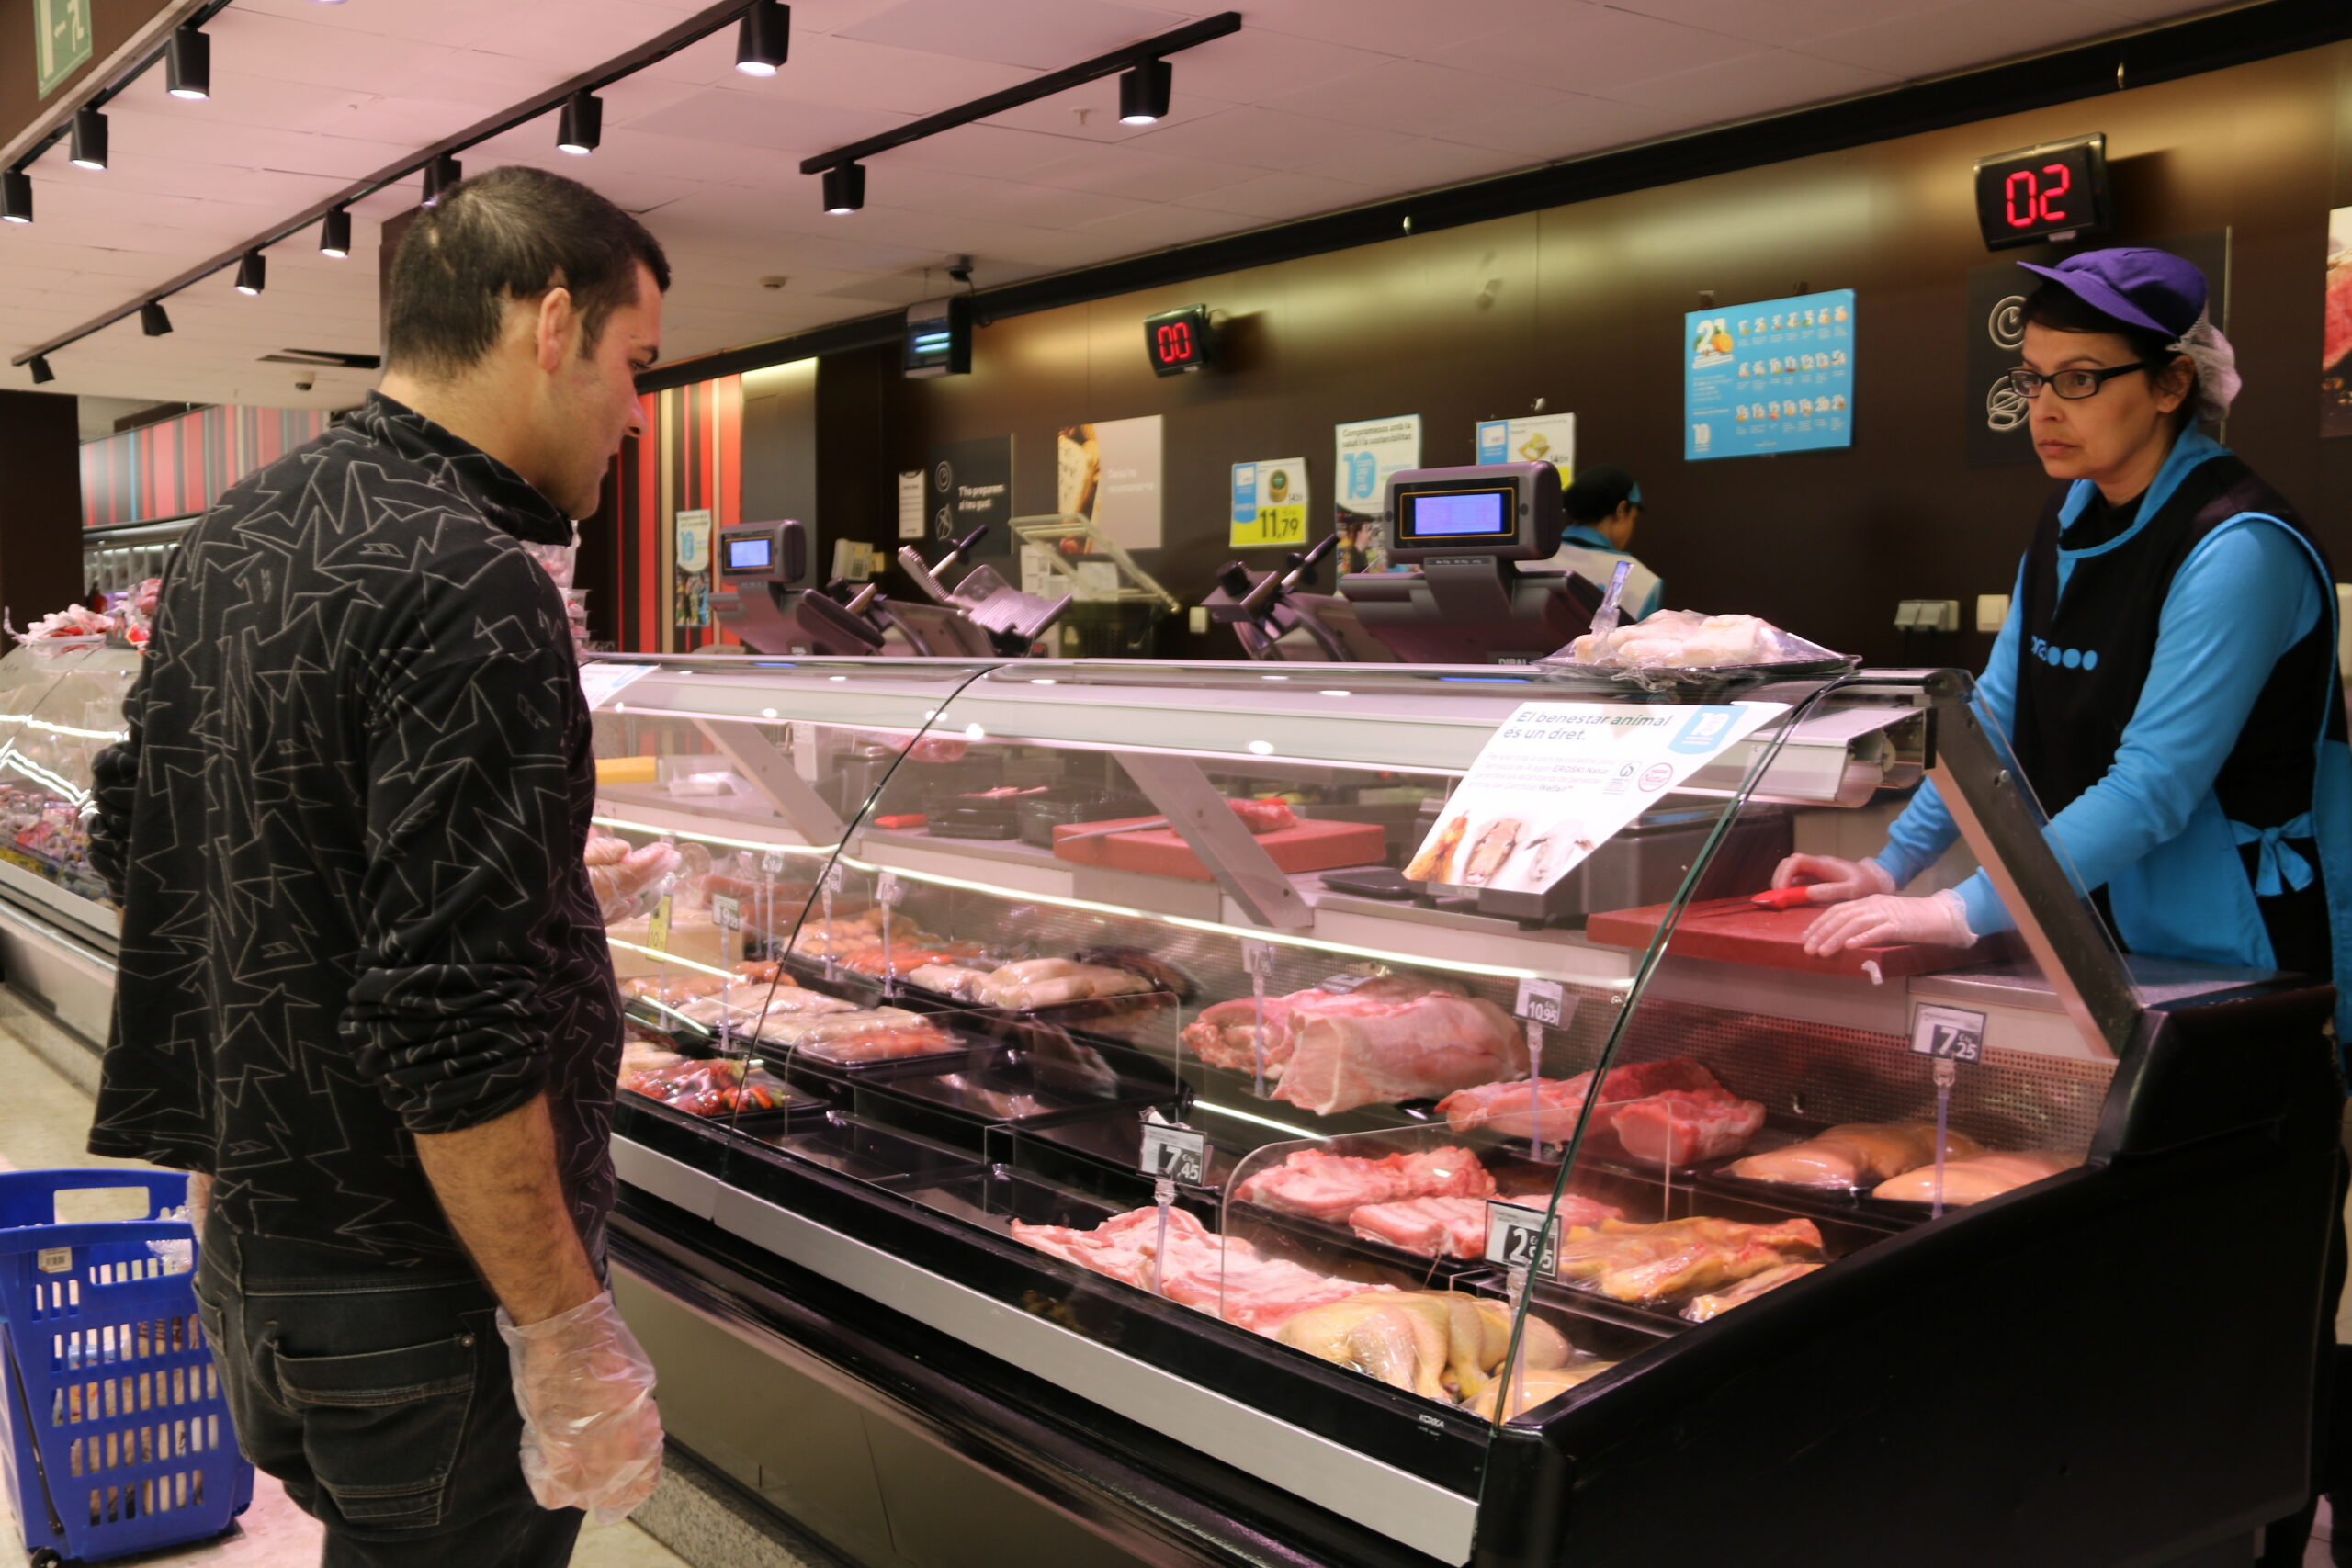 Un client amb guants comprant carn en un supermercat de l'Espai Gironès | ACN